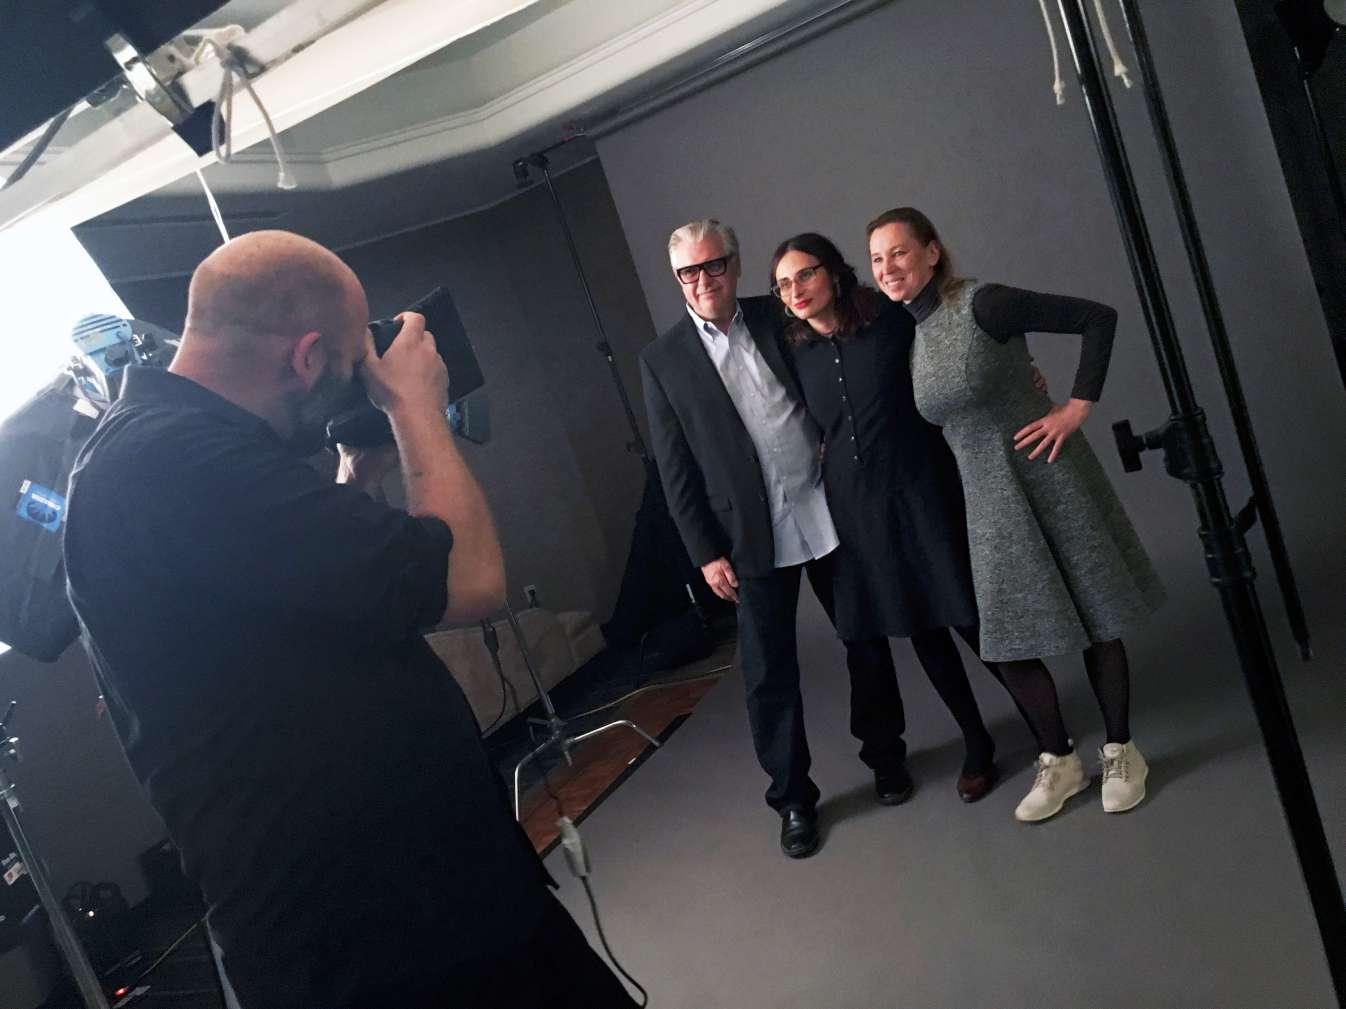 Vyto Ruginis, Eglė Vertelytė, Eglė Mikulionytė Tarptautiniame Toronto kino festivalyje   Rengėjų nuotr.